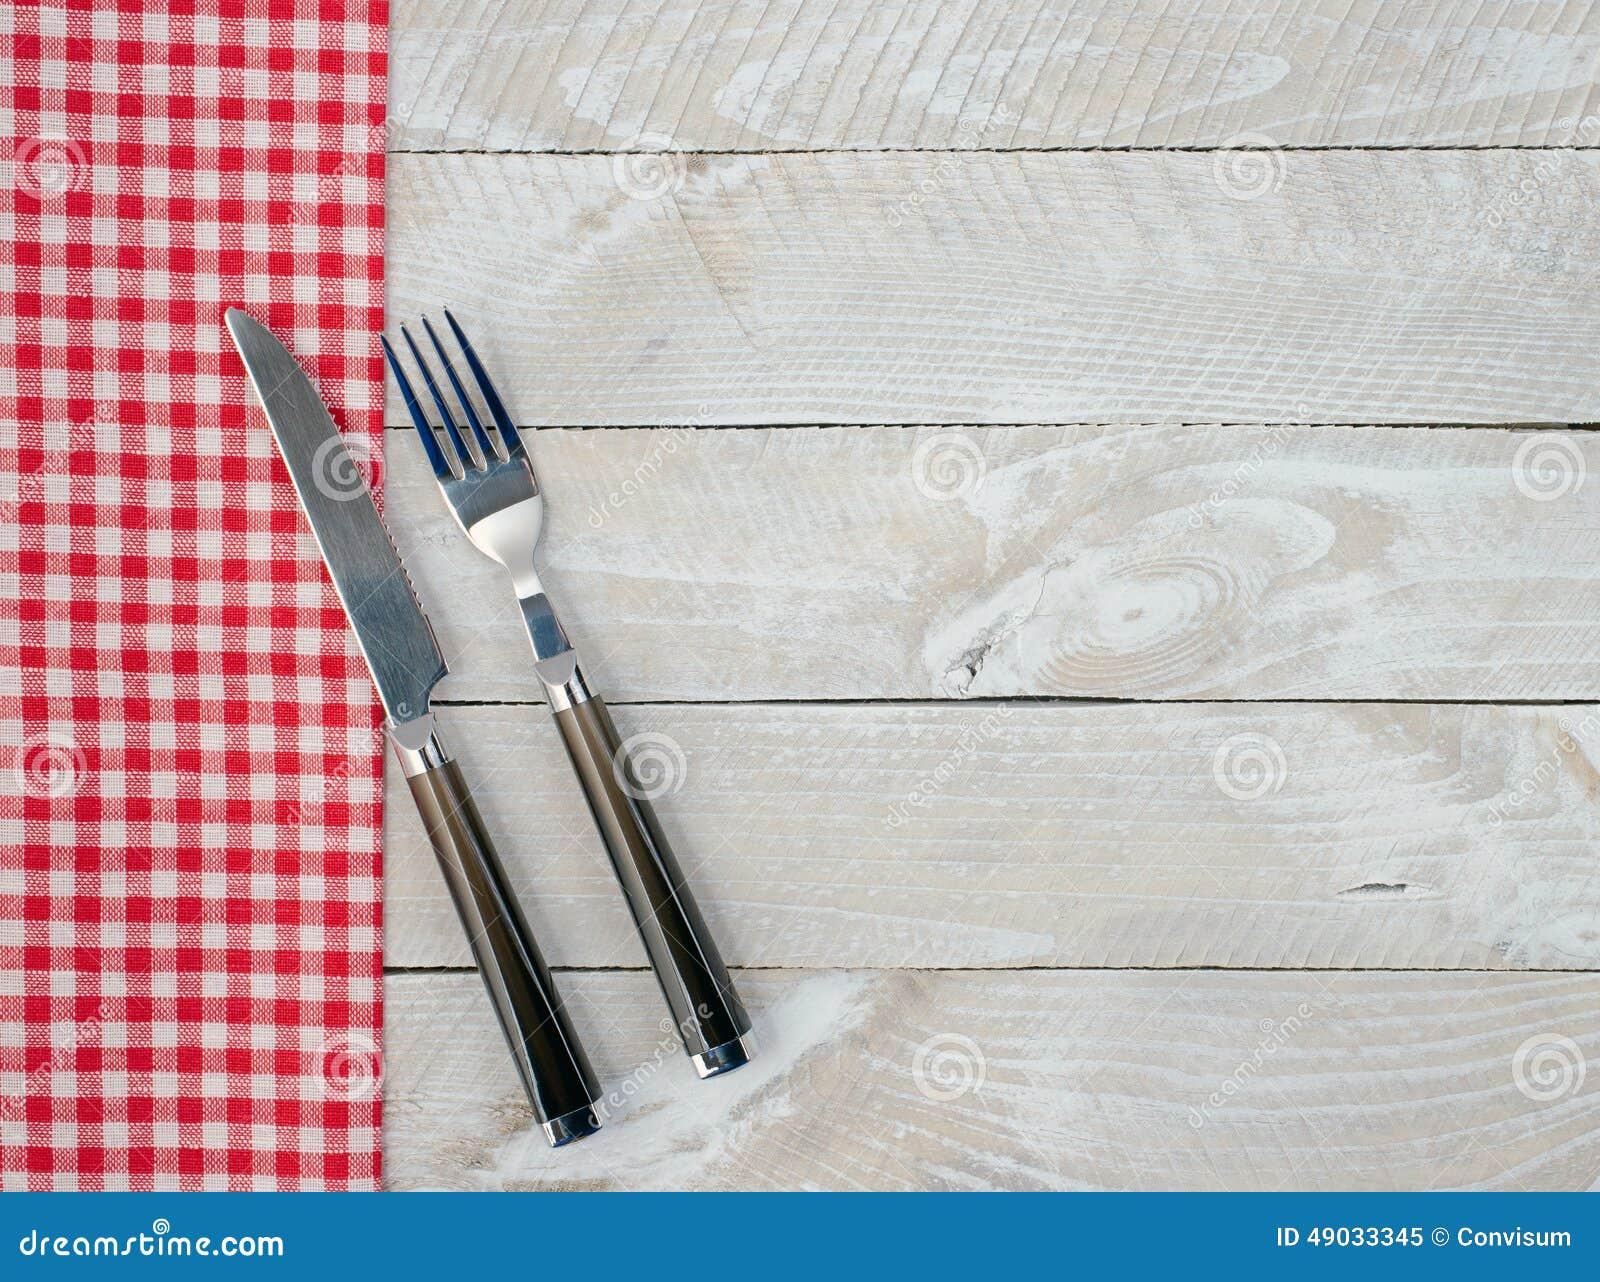 couteau et fourchette image stock image du espace couvert 49033345. Black Bedroom Furniture Sets. Home Design Ideas